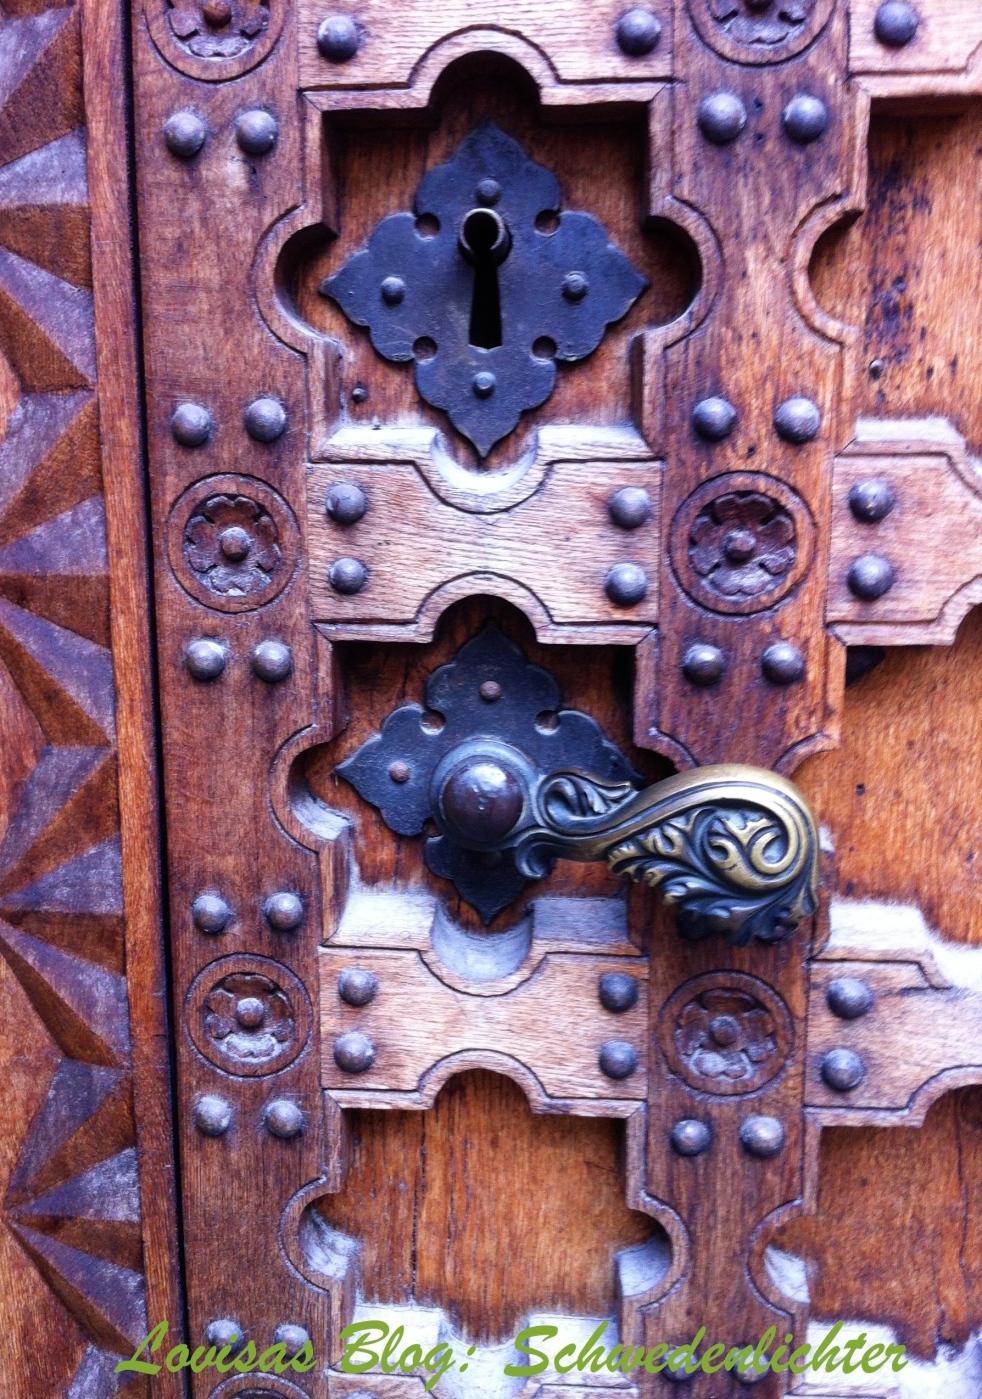 braune reich verzierte Holztür mit gusseiseren